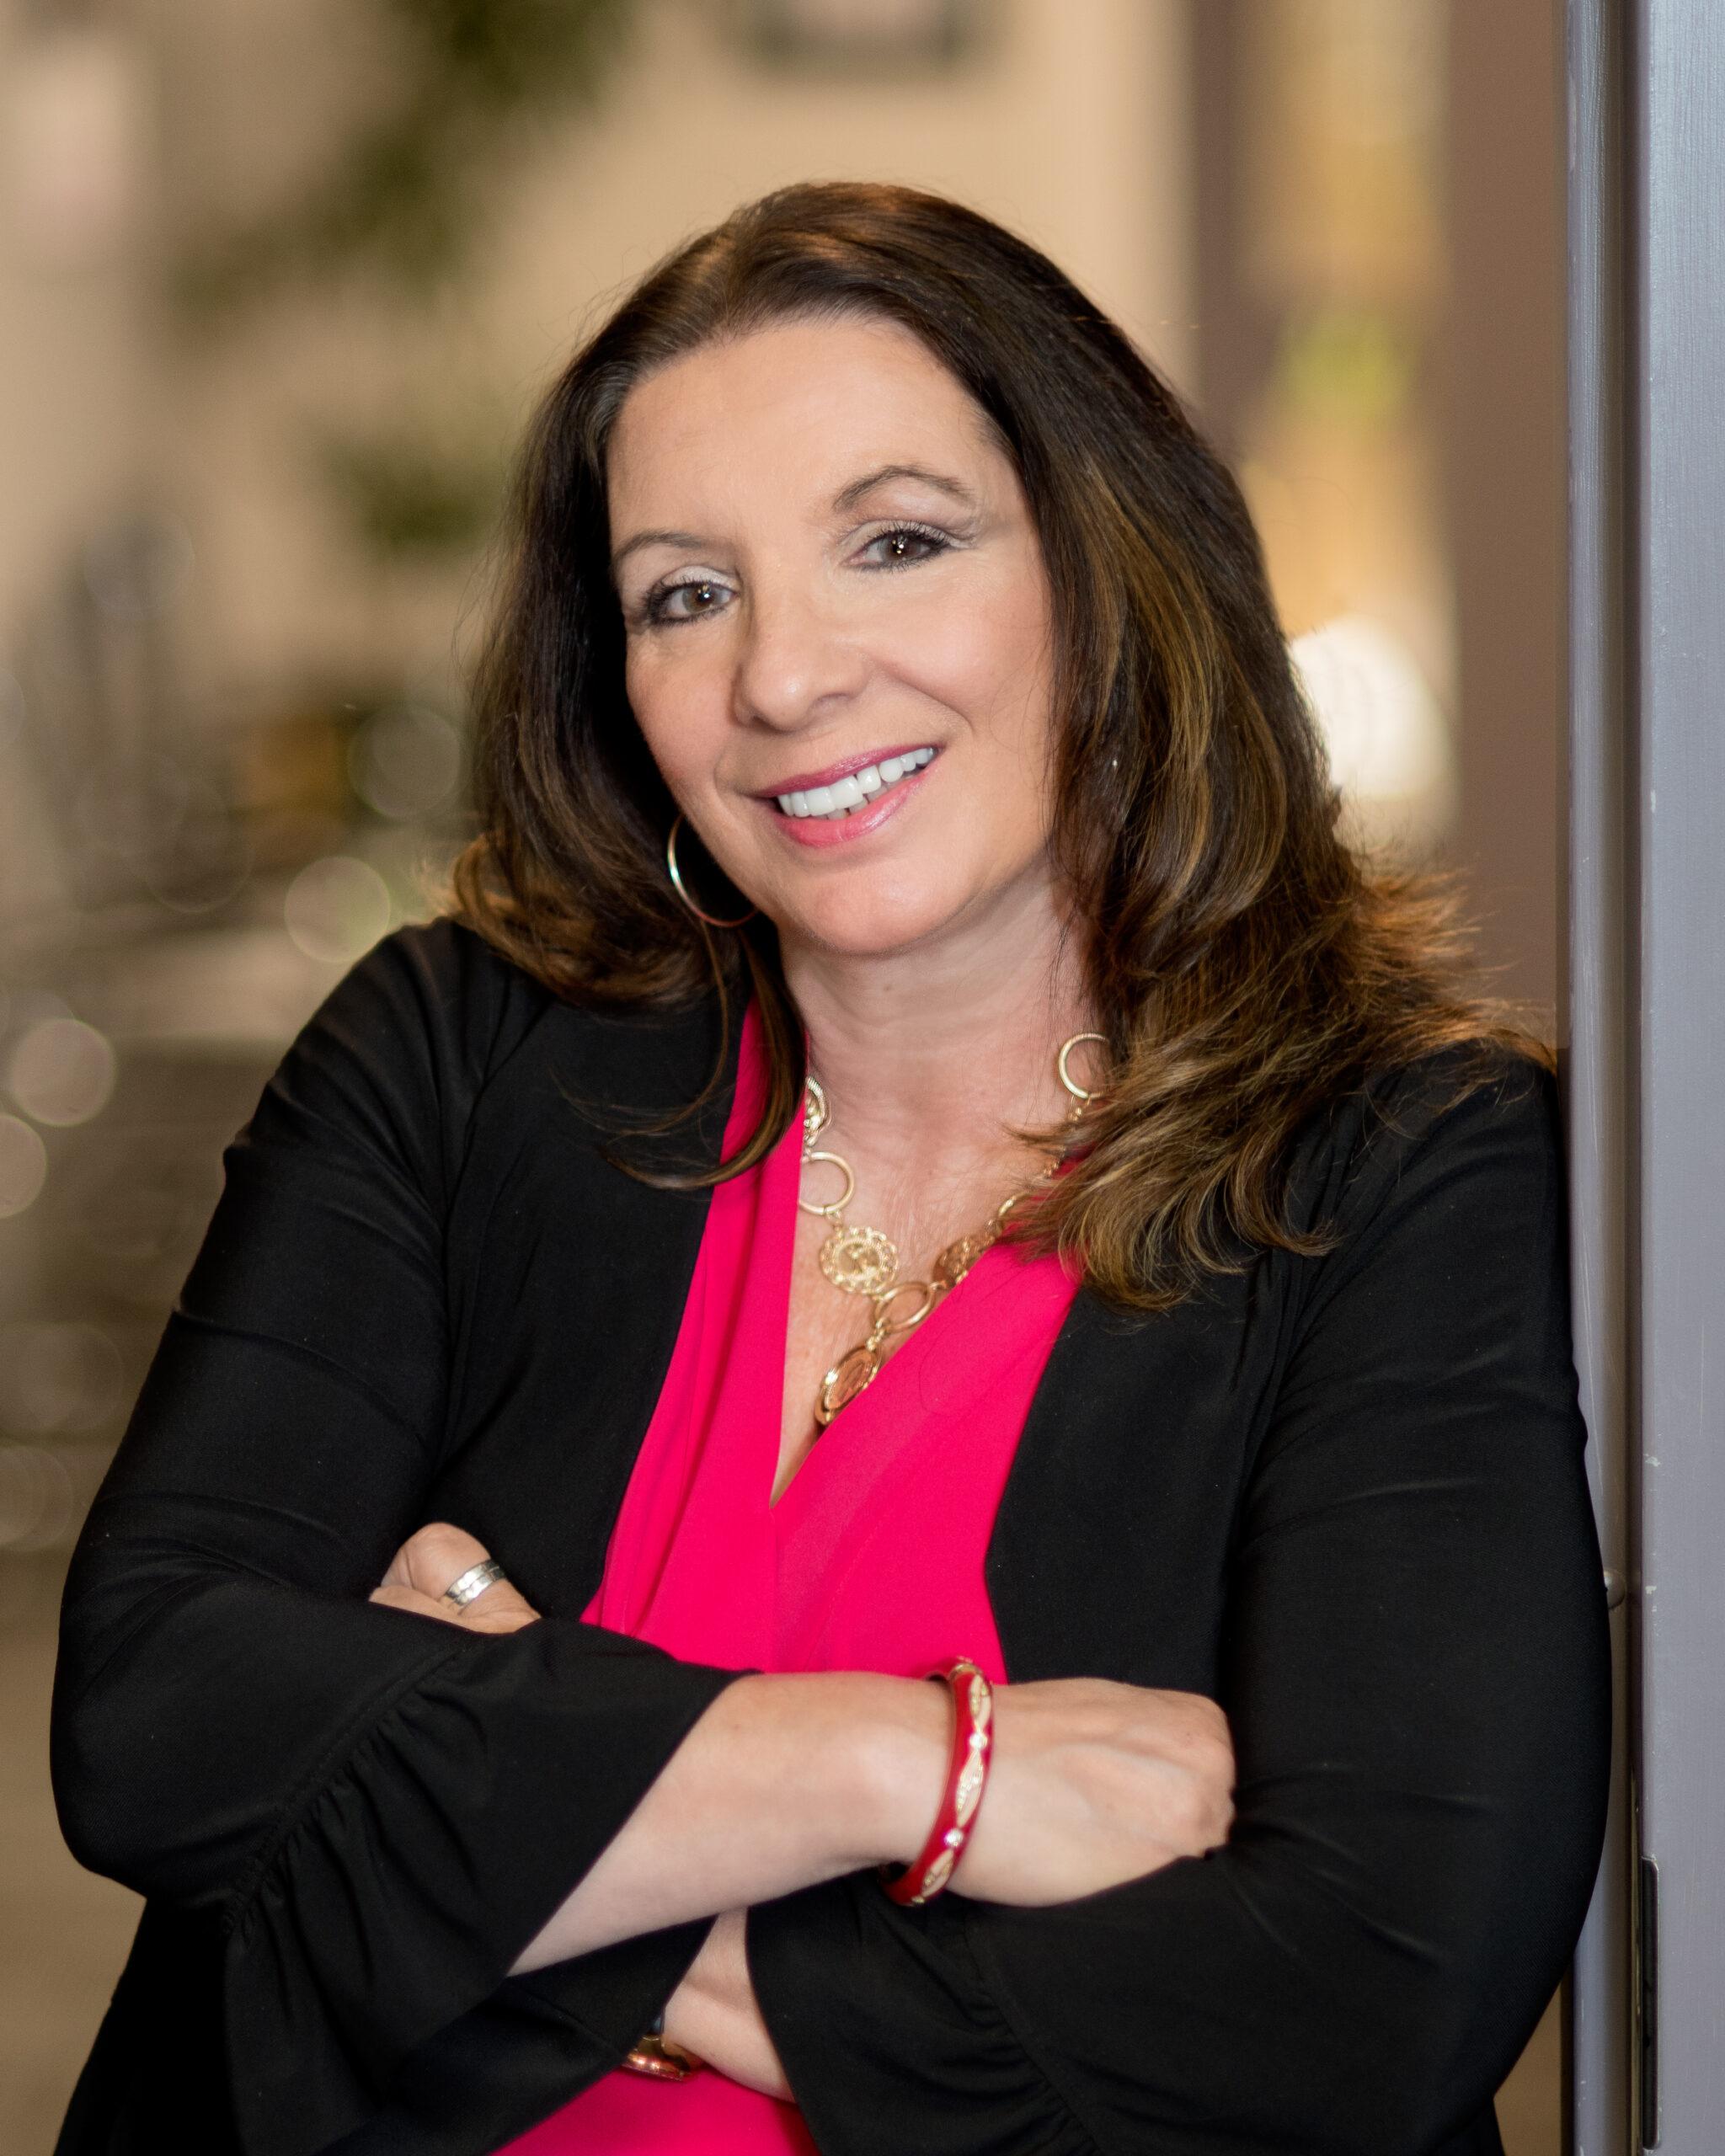 Linda Furnari-Rose